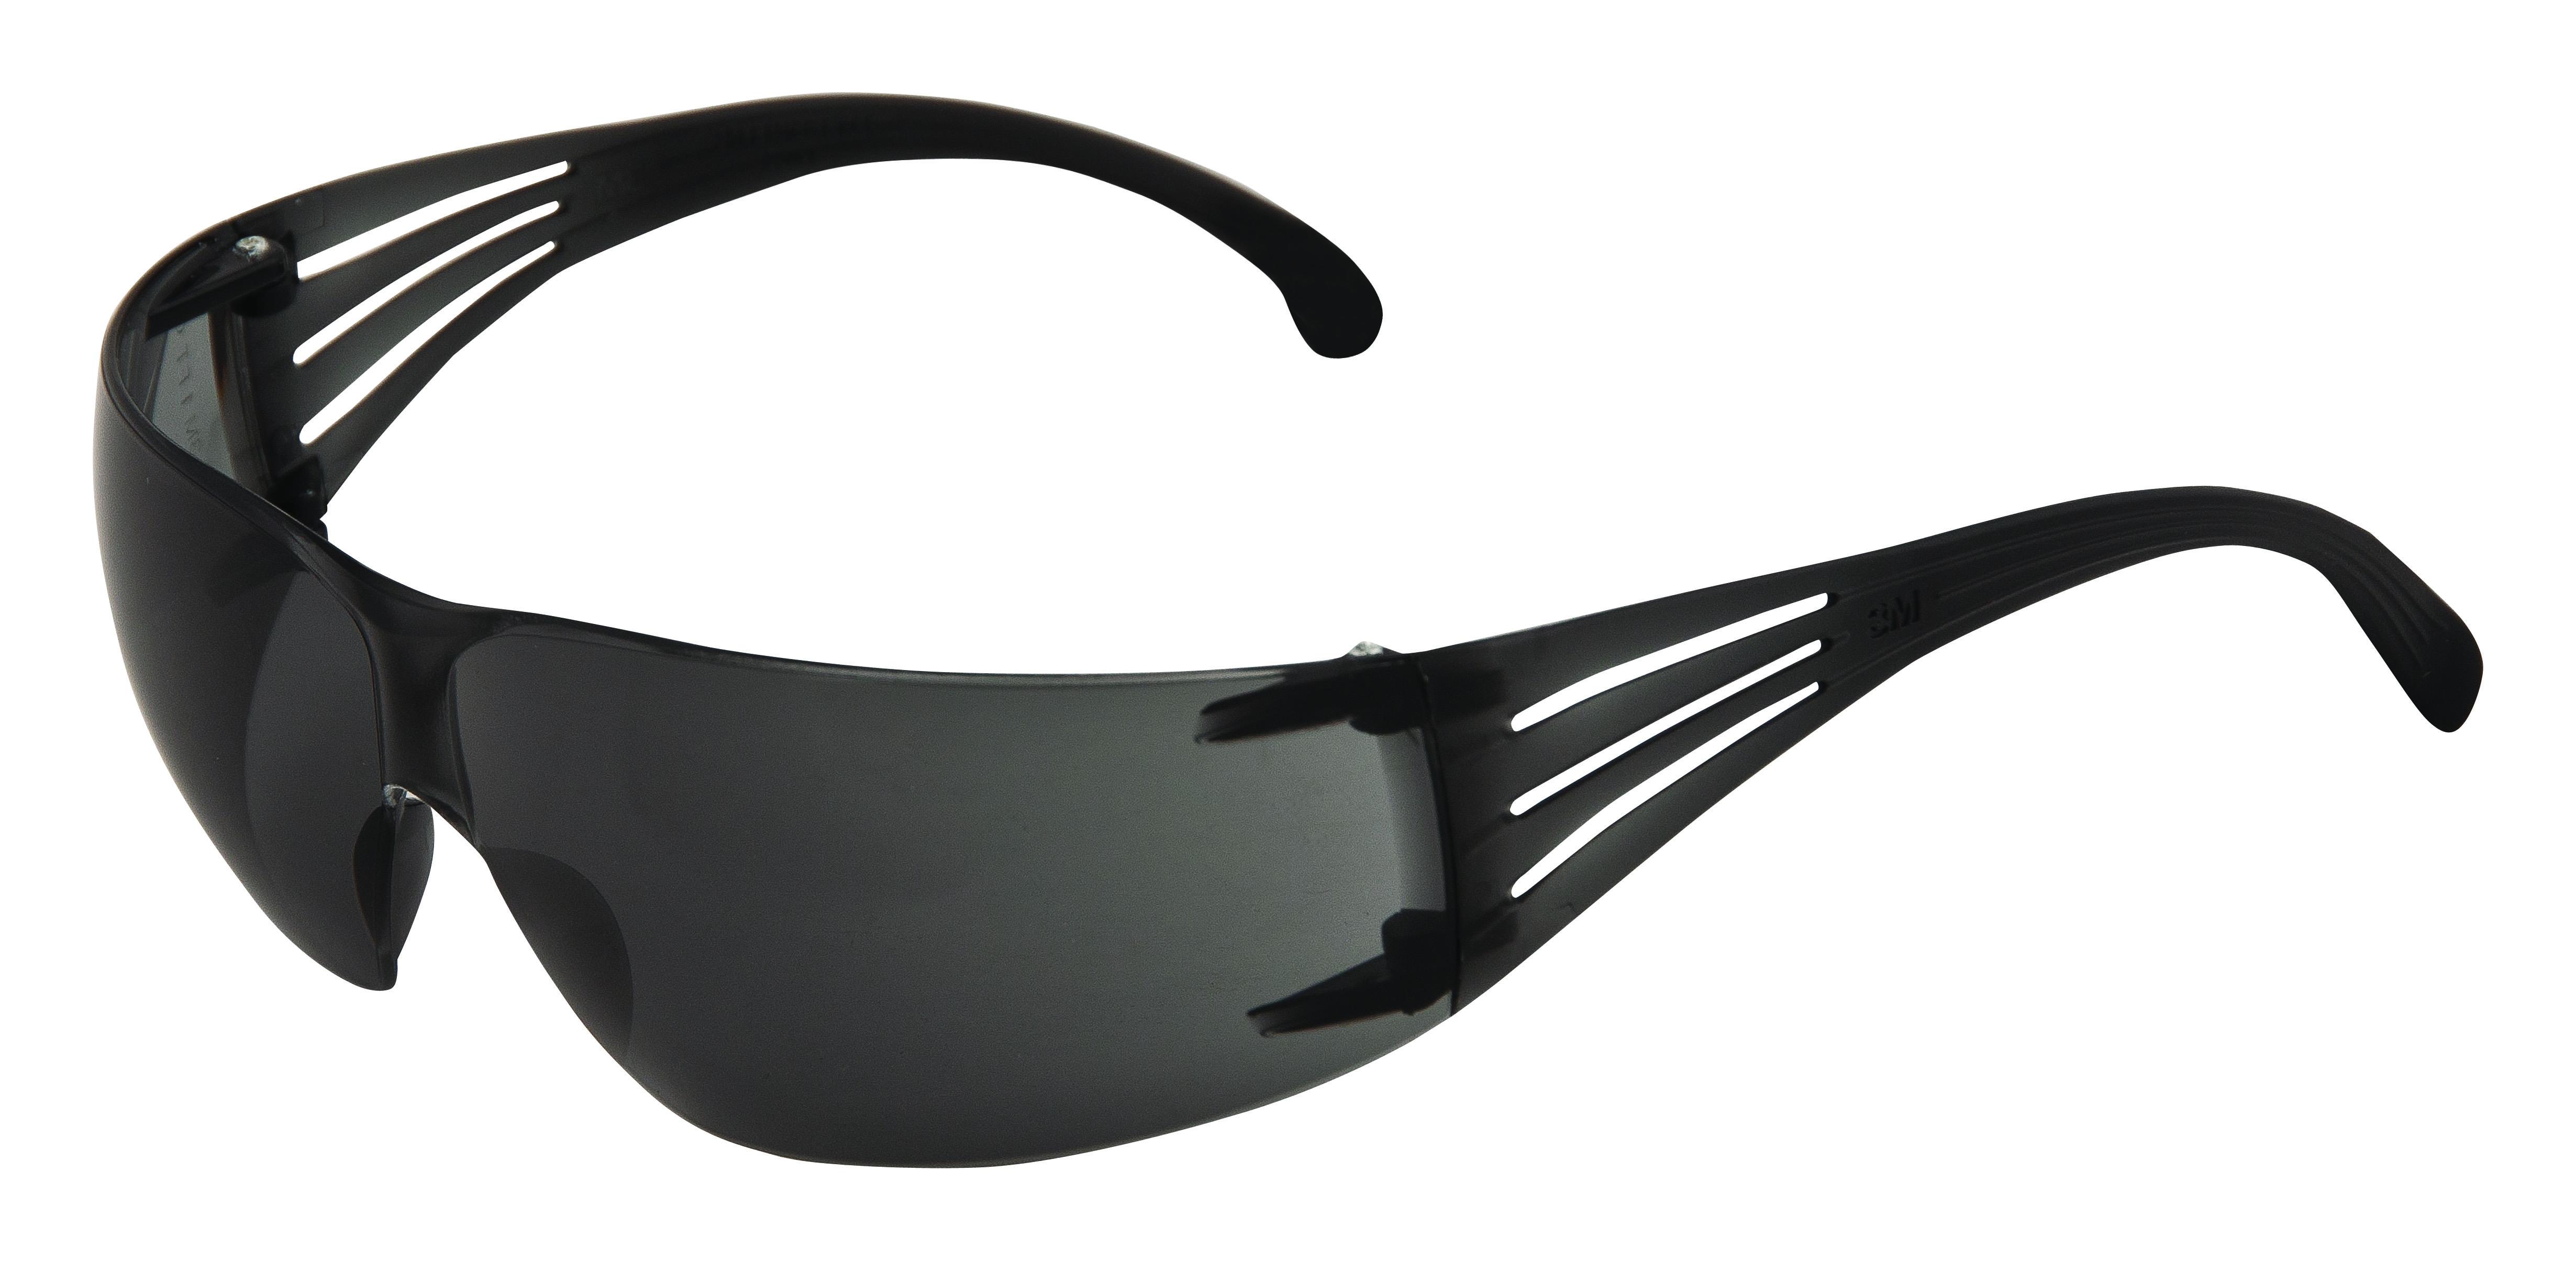 Brýle SecureFit 400 - šedý PC zorník SF402 AS/AF